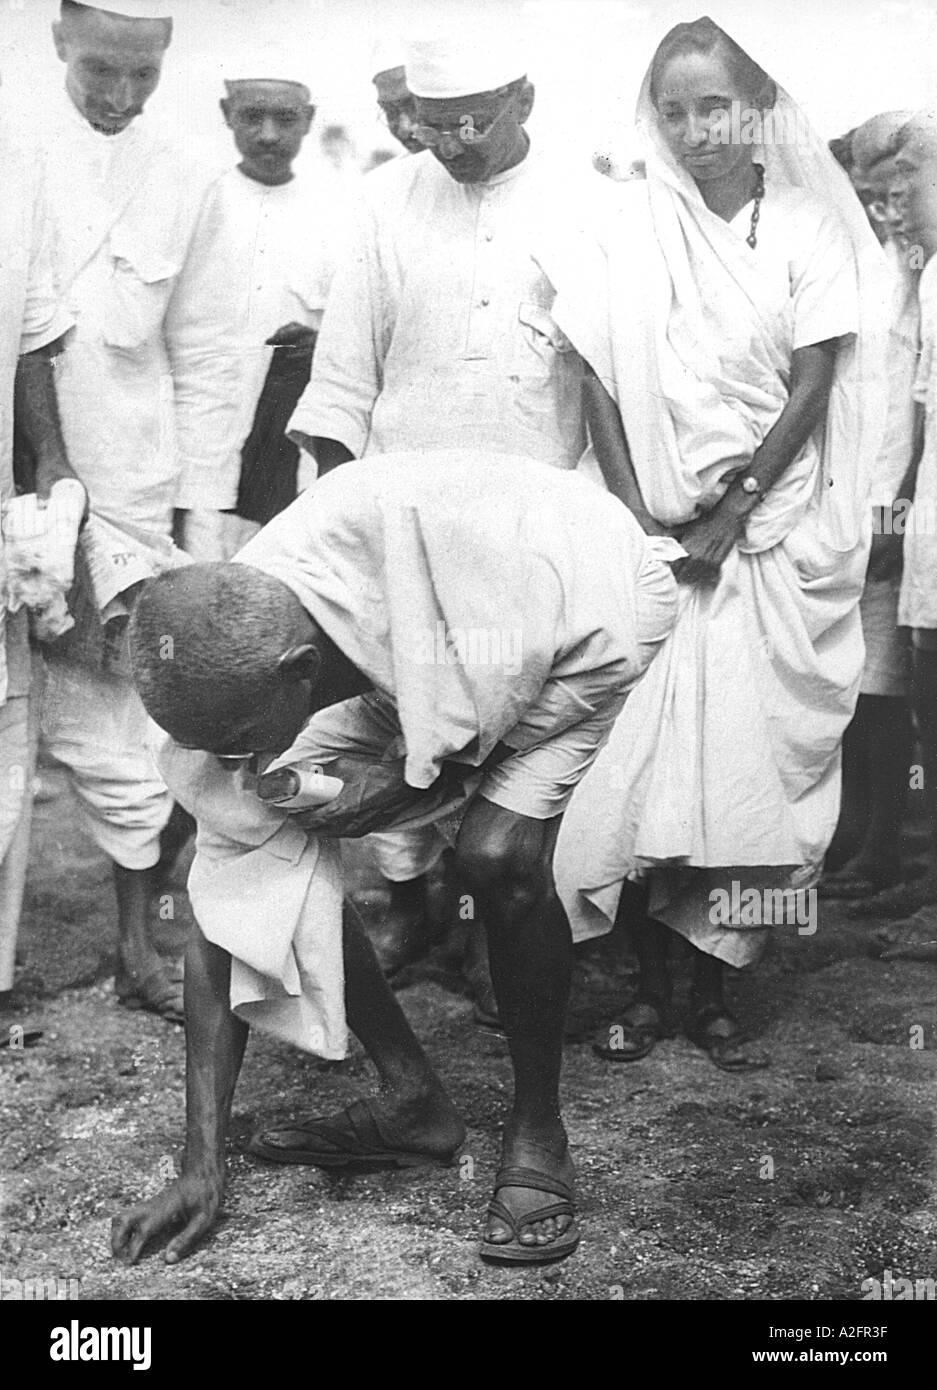 Il Mahatma Gandhi rompendo il diritto di sale sollevando un grumo di sale naturale a Dandi Gujarat India 6 aprile 1930 a 8-30 am Immagini Stock